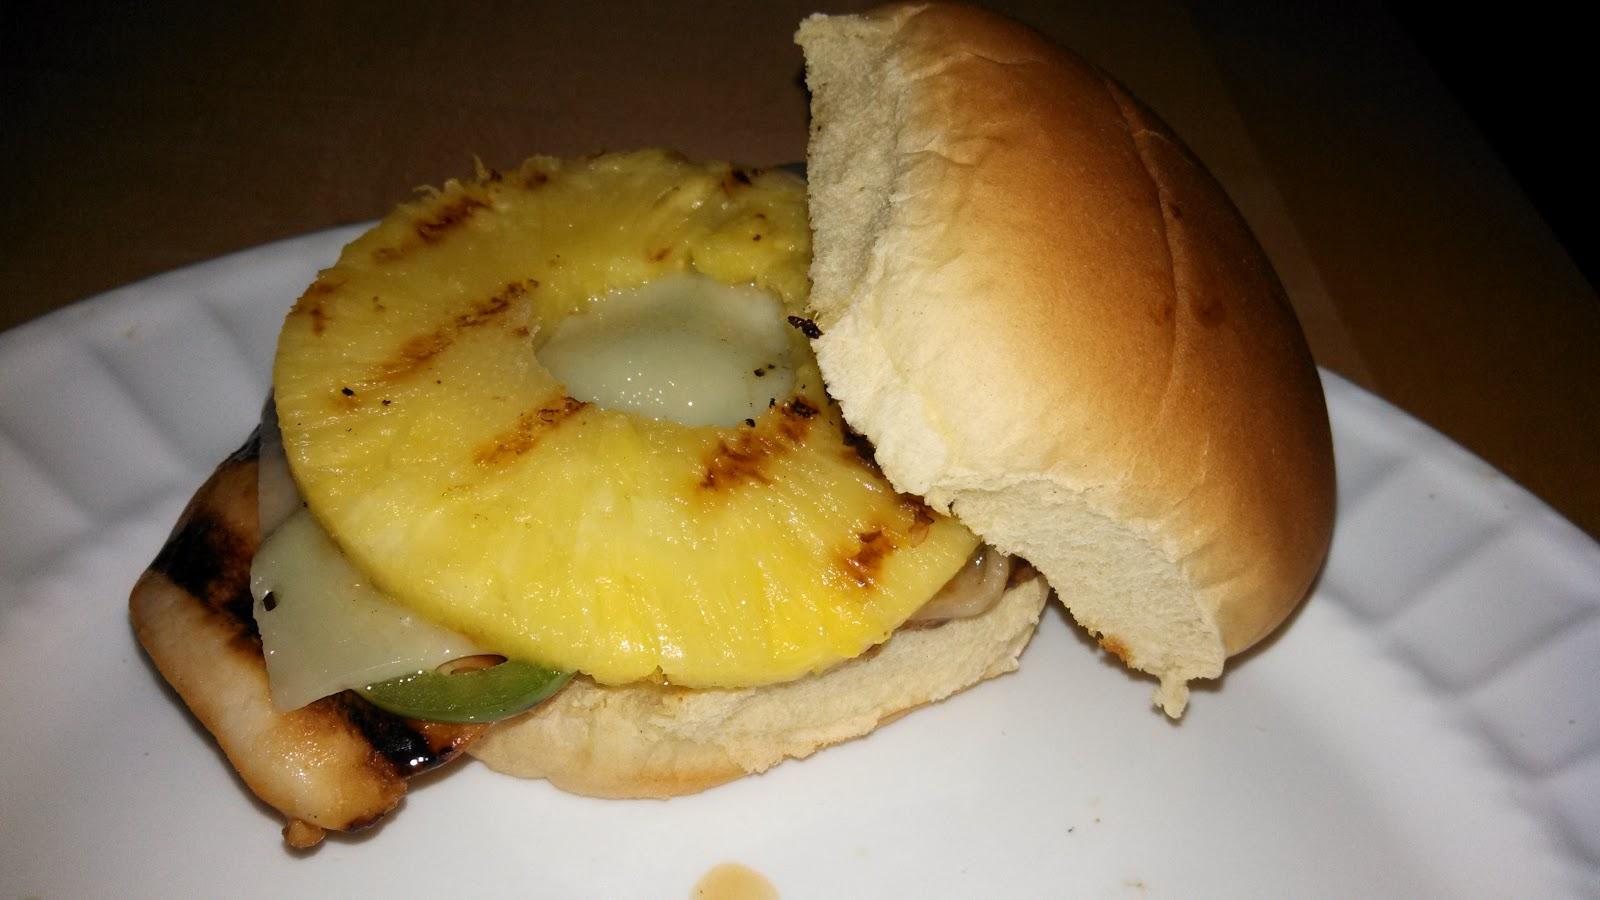 Hot Dog It's a Food Blog: Hawaiian Chicken Burgers